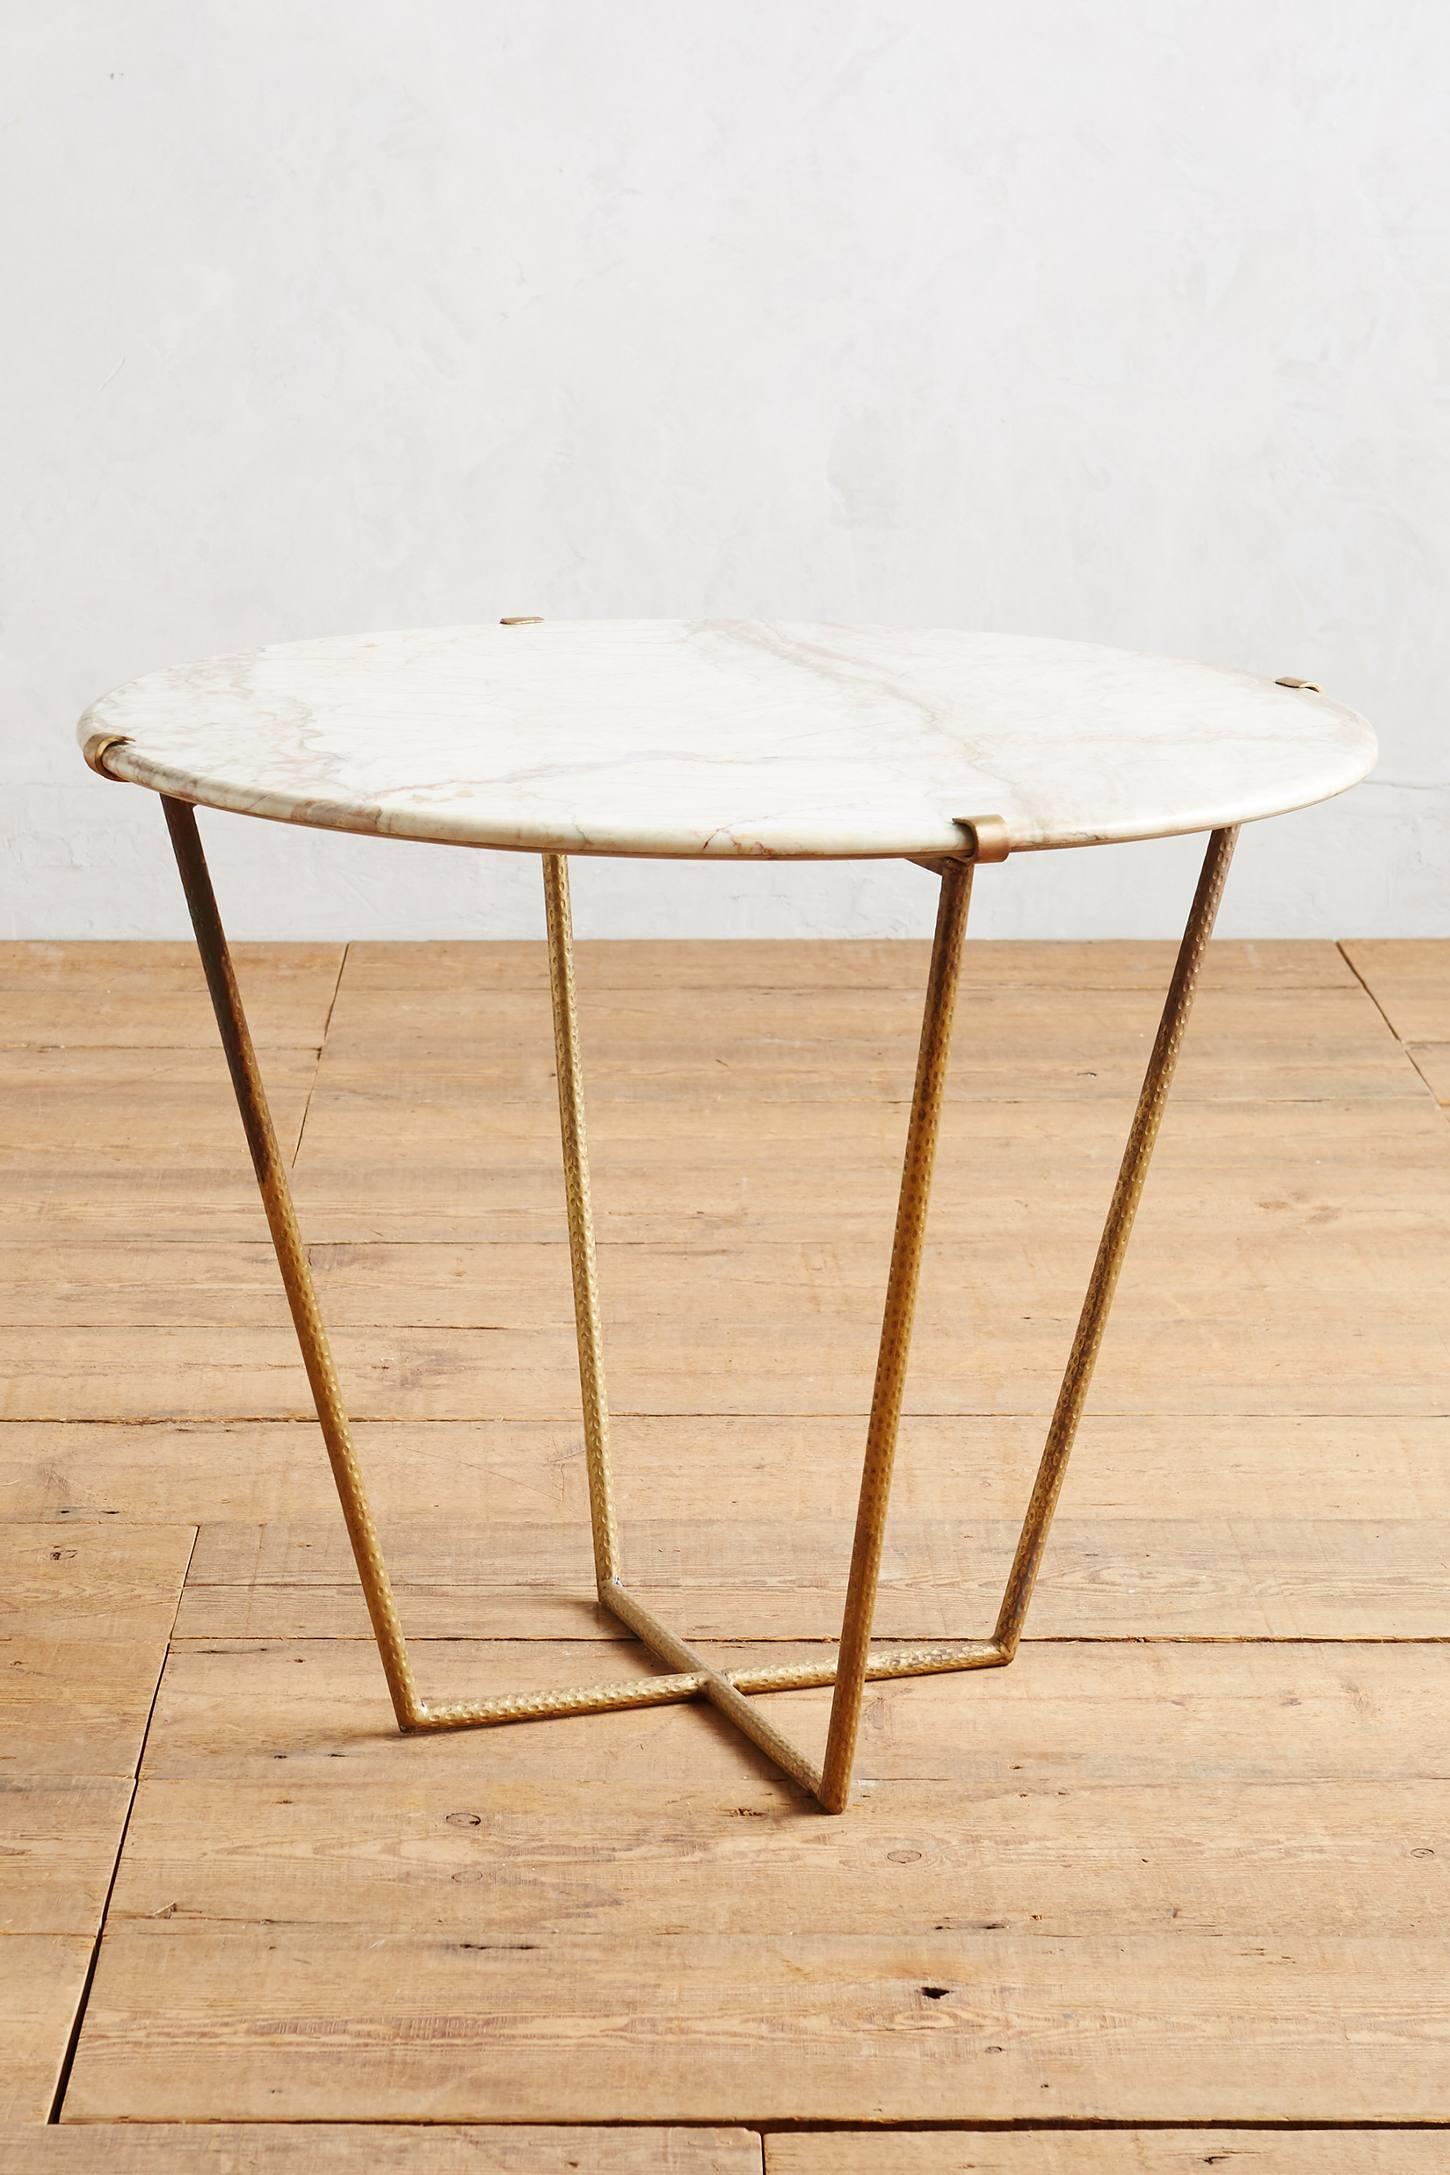 Slivered Boulder Table, Large